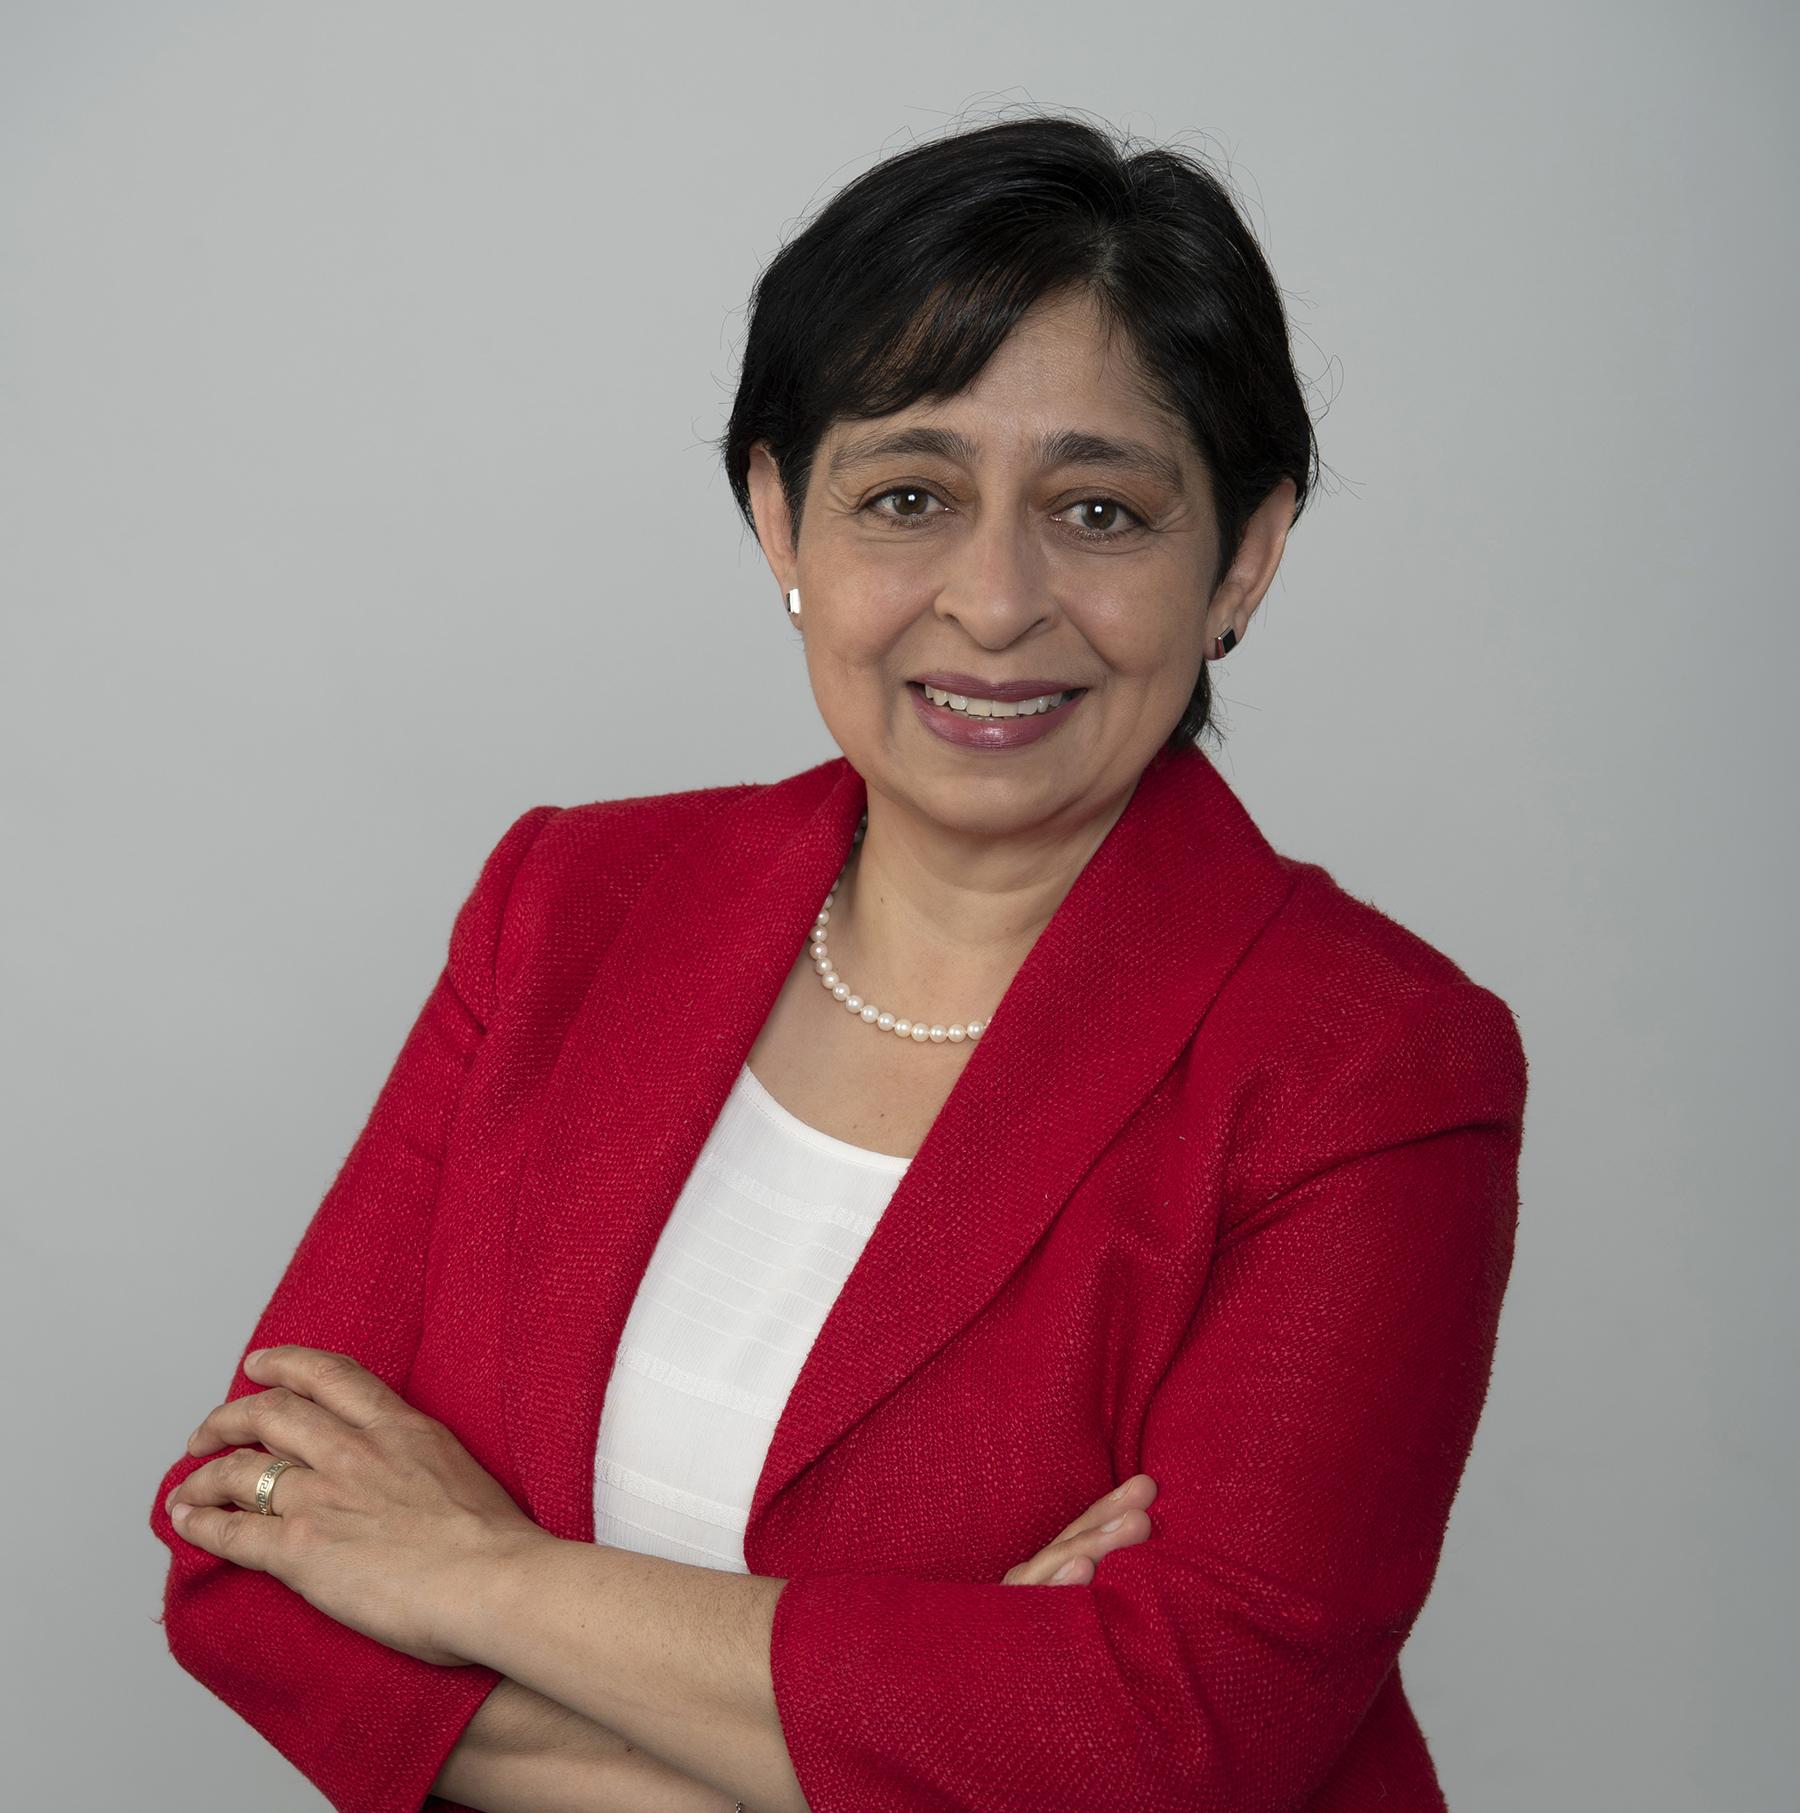 Elena MacGregor